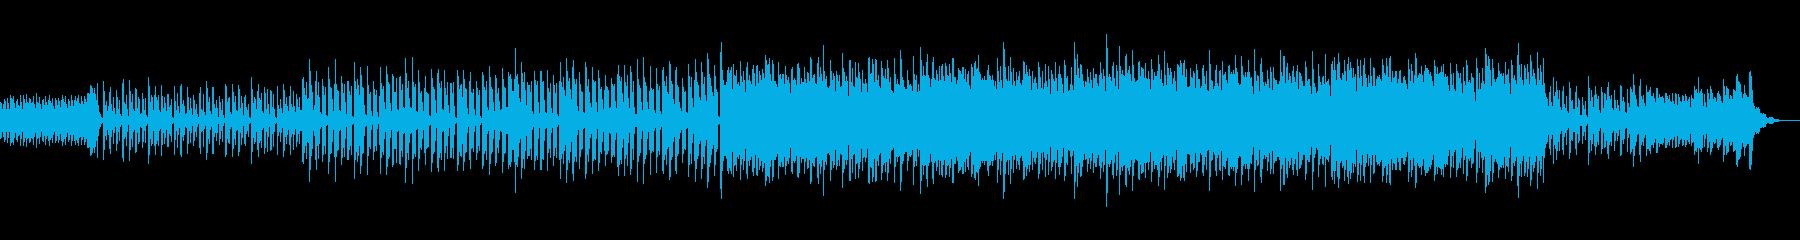 和風琴明るい幻想透明企業VP水テクノの再生済みの波形